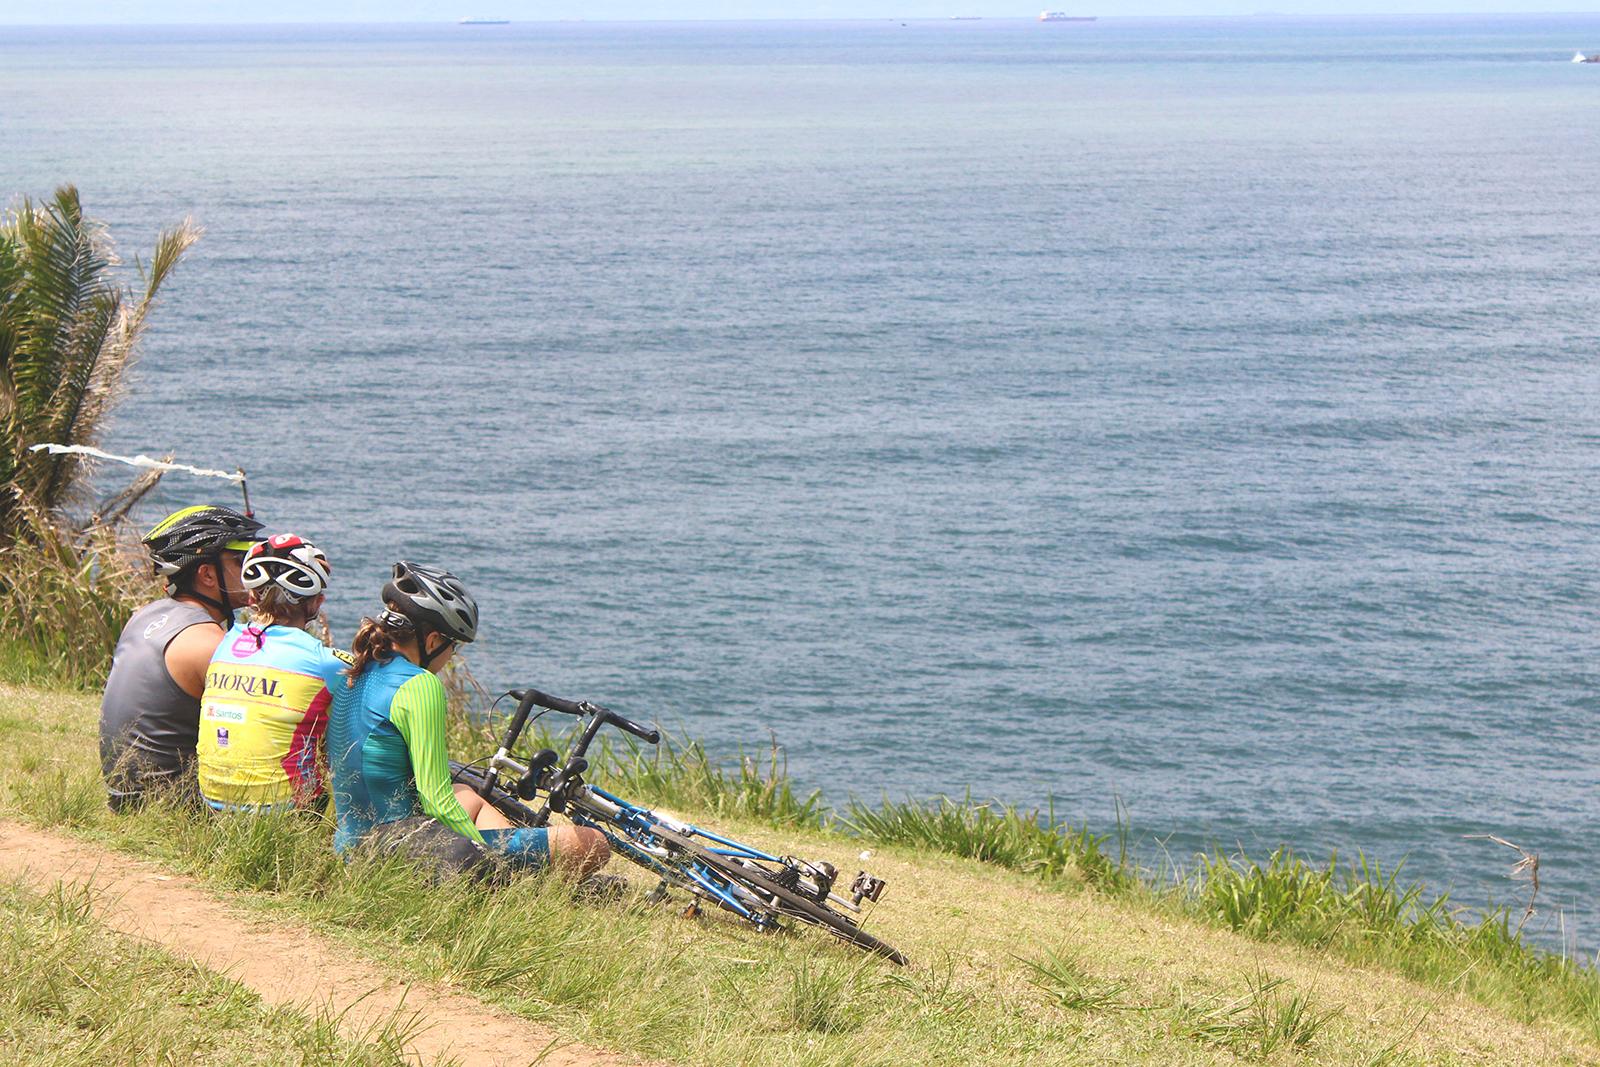 ciclistas sentados observando paisagem